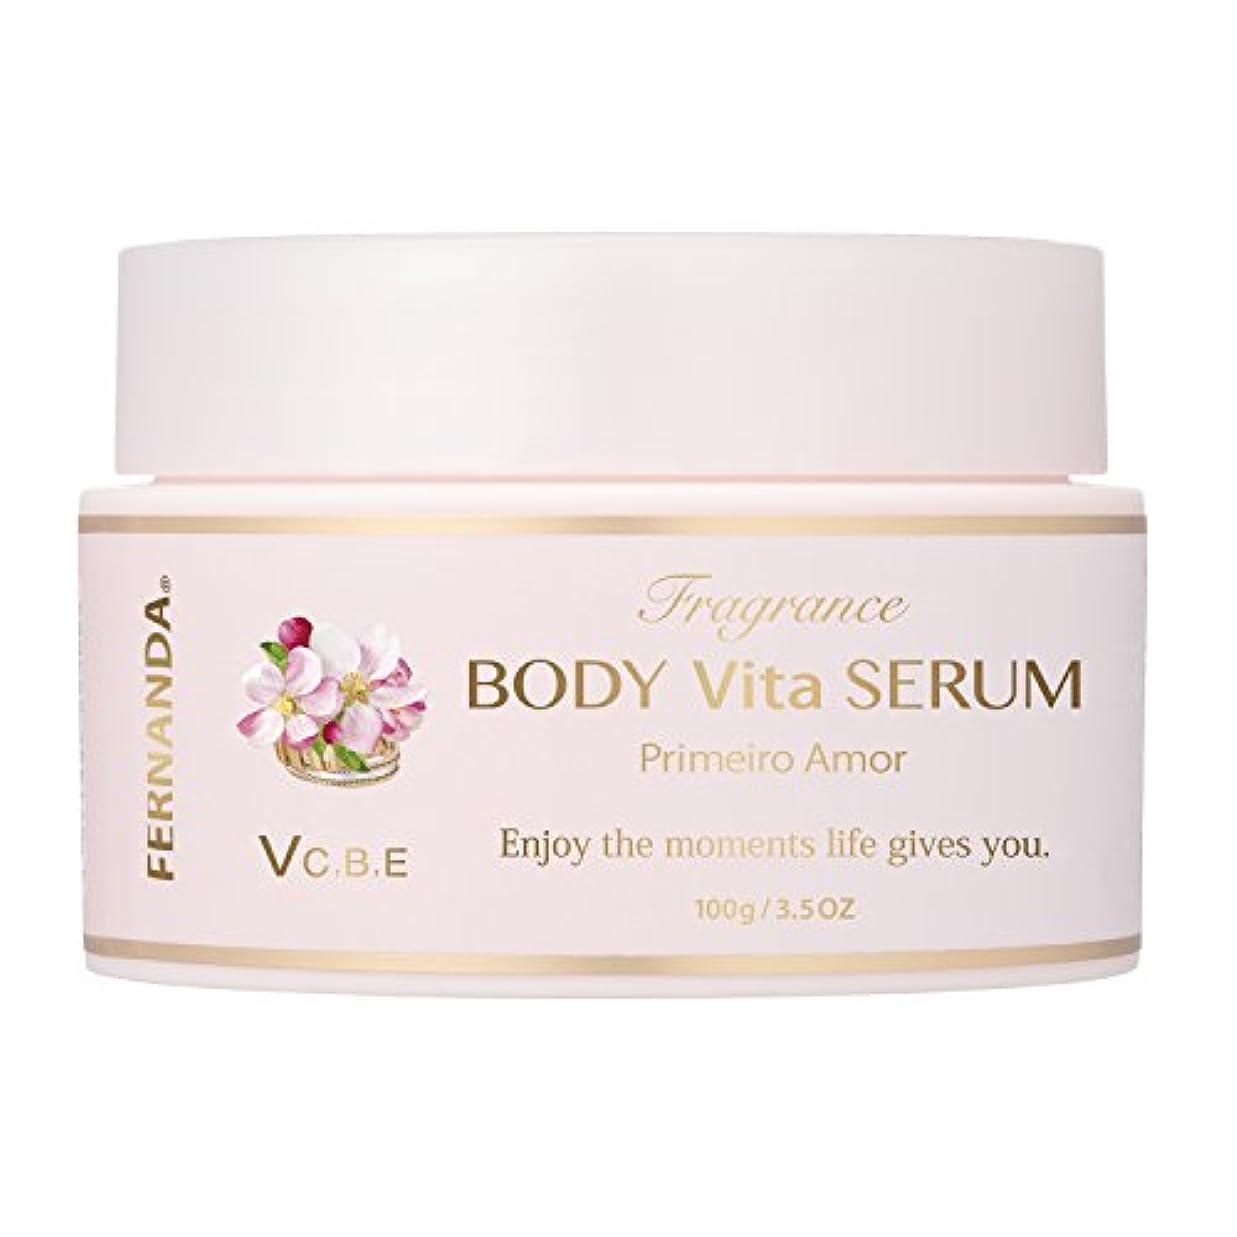 メーカー封筒避難するFERNANDA(フェルナンダ) Body Vita Serum Primeiro Amor(ボディビタセラム プリメイロアモール)